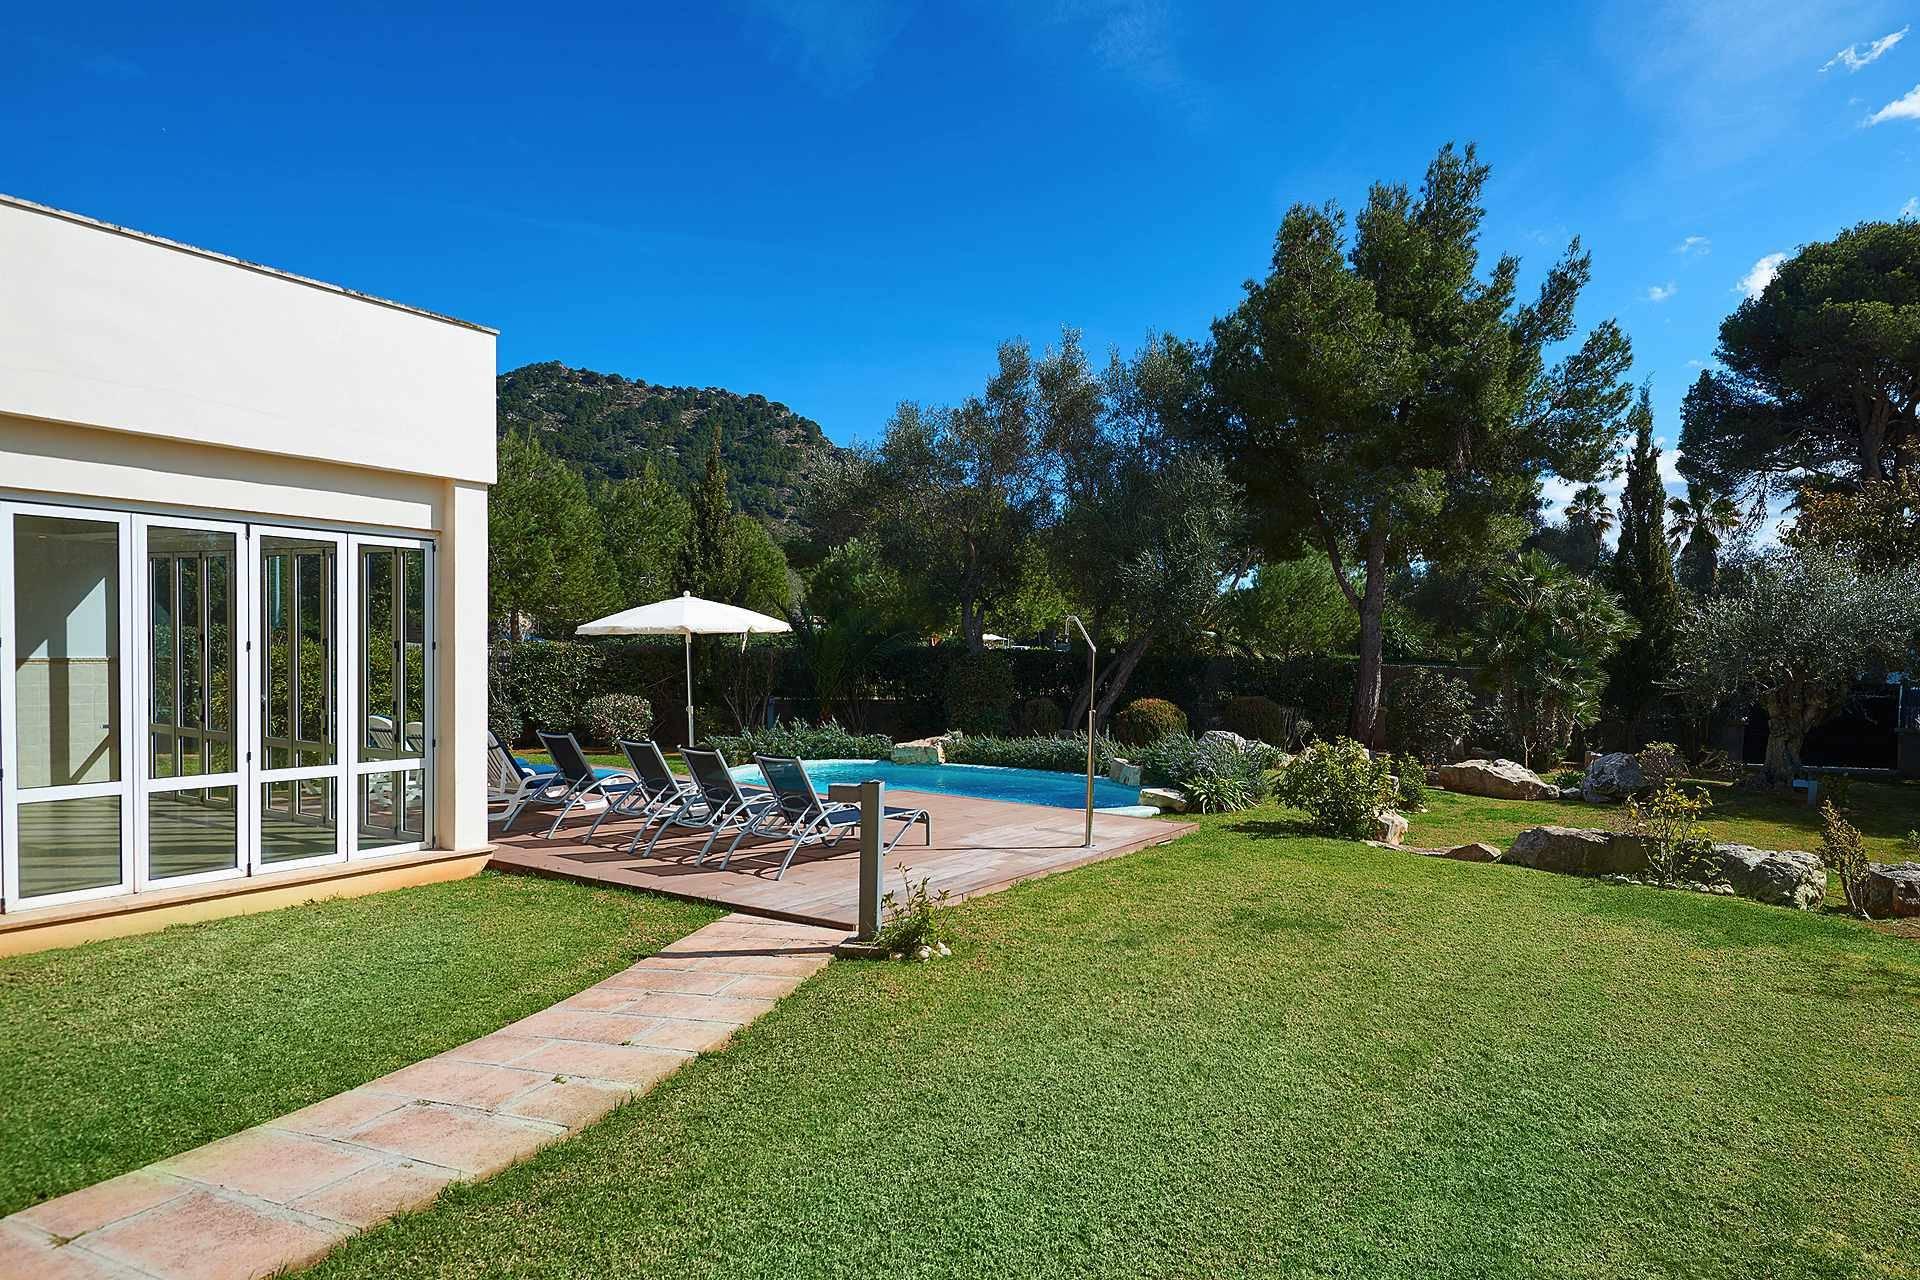 01-49 luxuriöses Chalet Nordosten Mallorca Bild 4